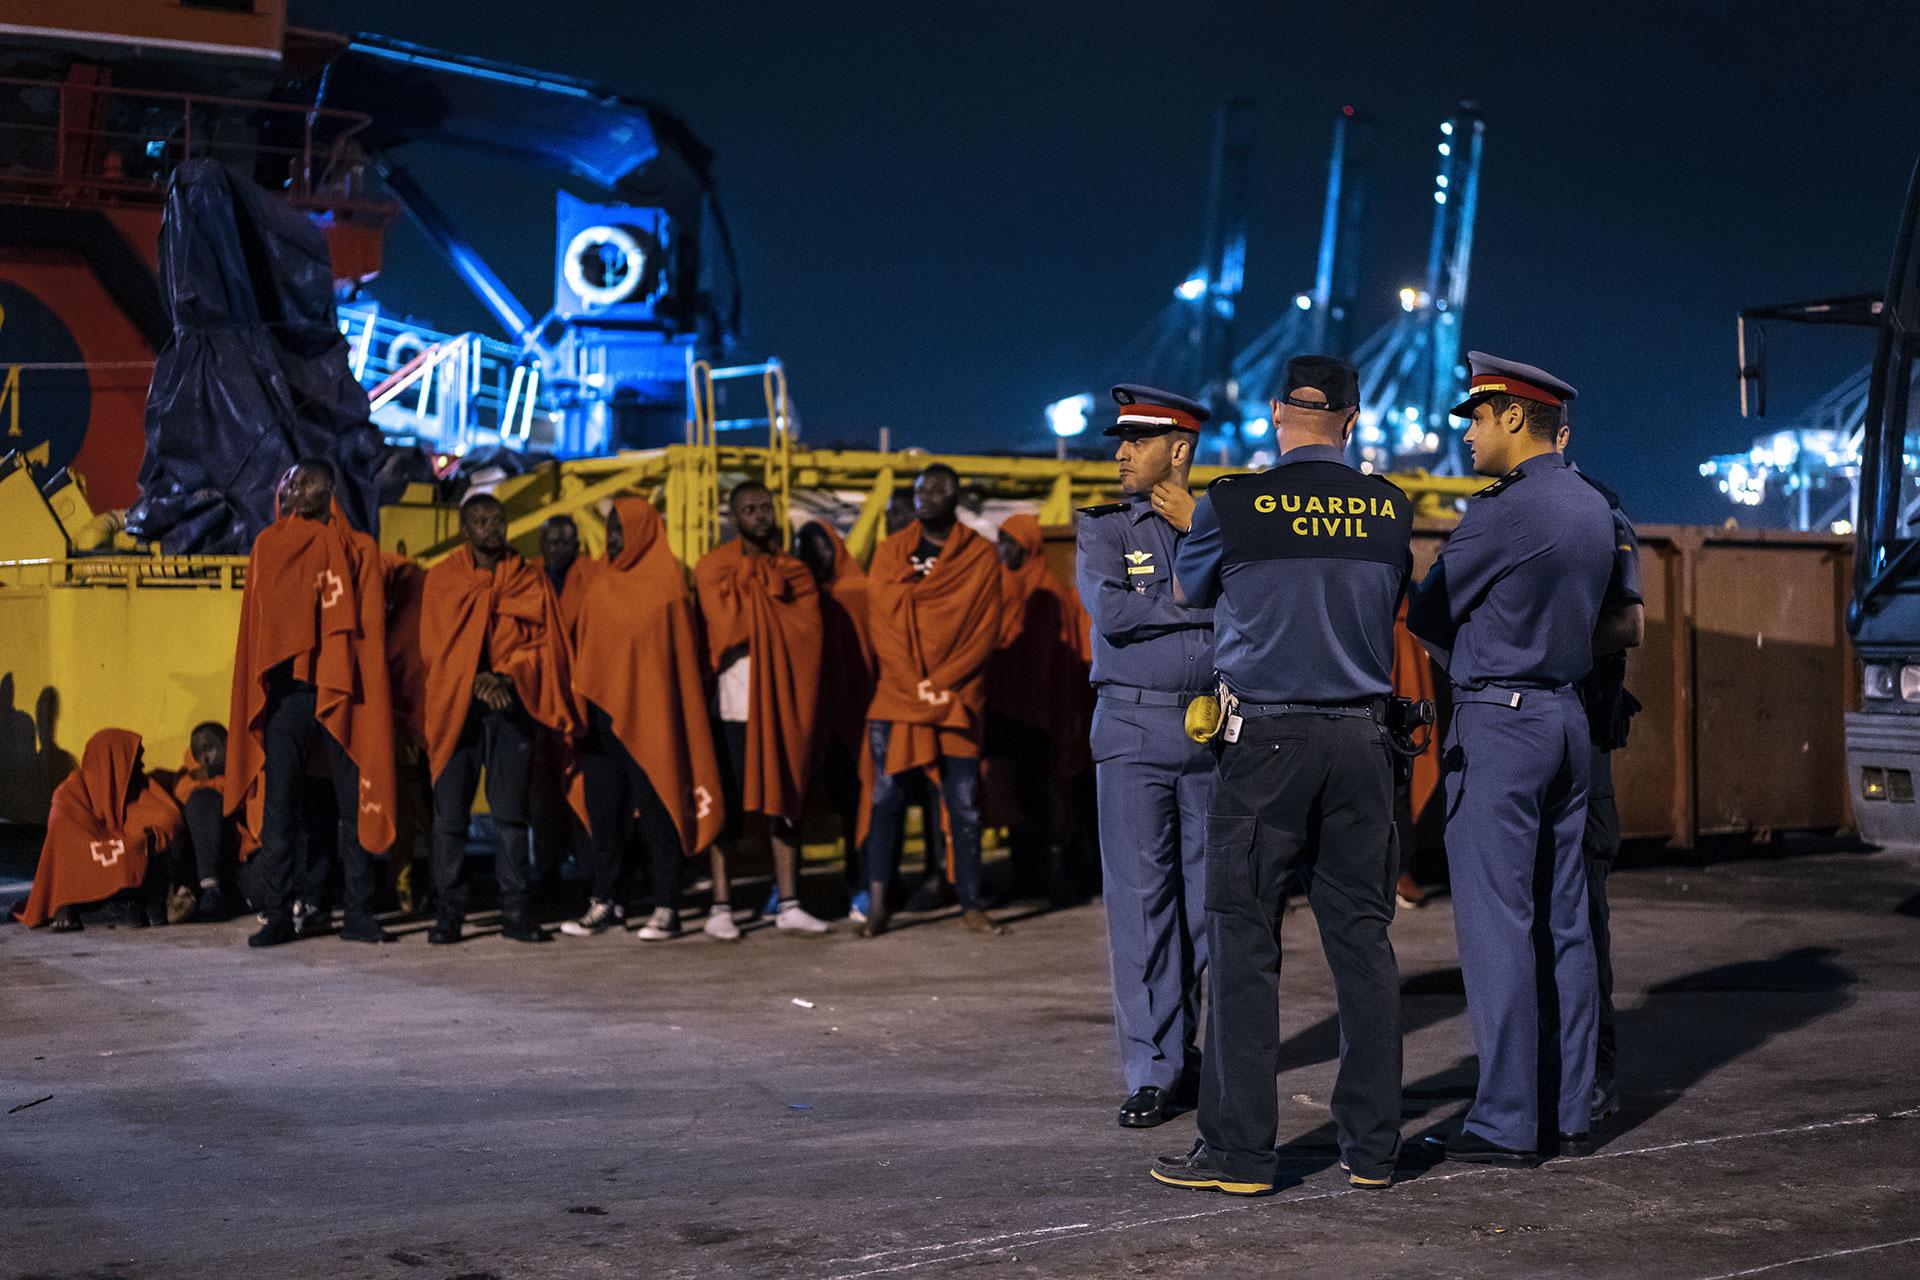 Algunas de las personas que fueron interceptadas por un barco de Salvamento Marítimo cuando intentaban llegar a la costa a bordo de un pequeño, esperan en el puerto de Algeciras cerca de una patrulla conjunta de Guardia Civil y Gendarmería Marroquí, 21 de Julio de 2019.